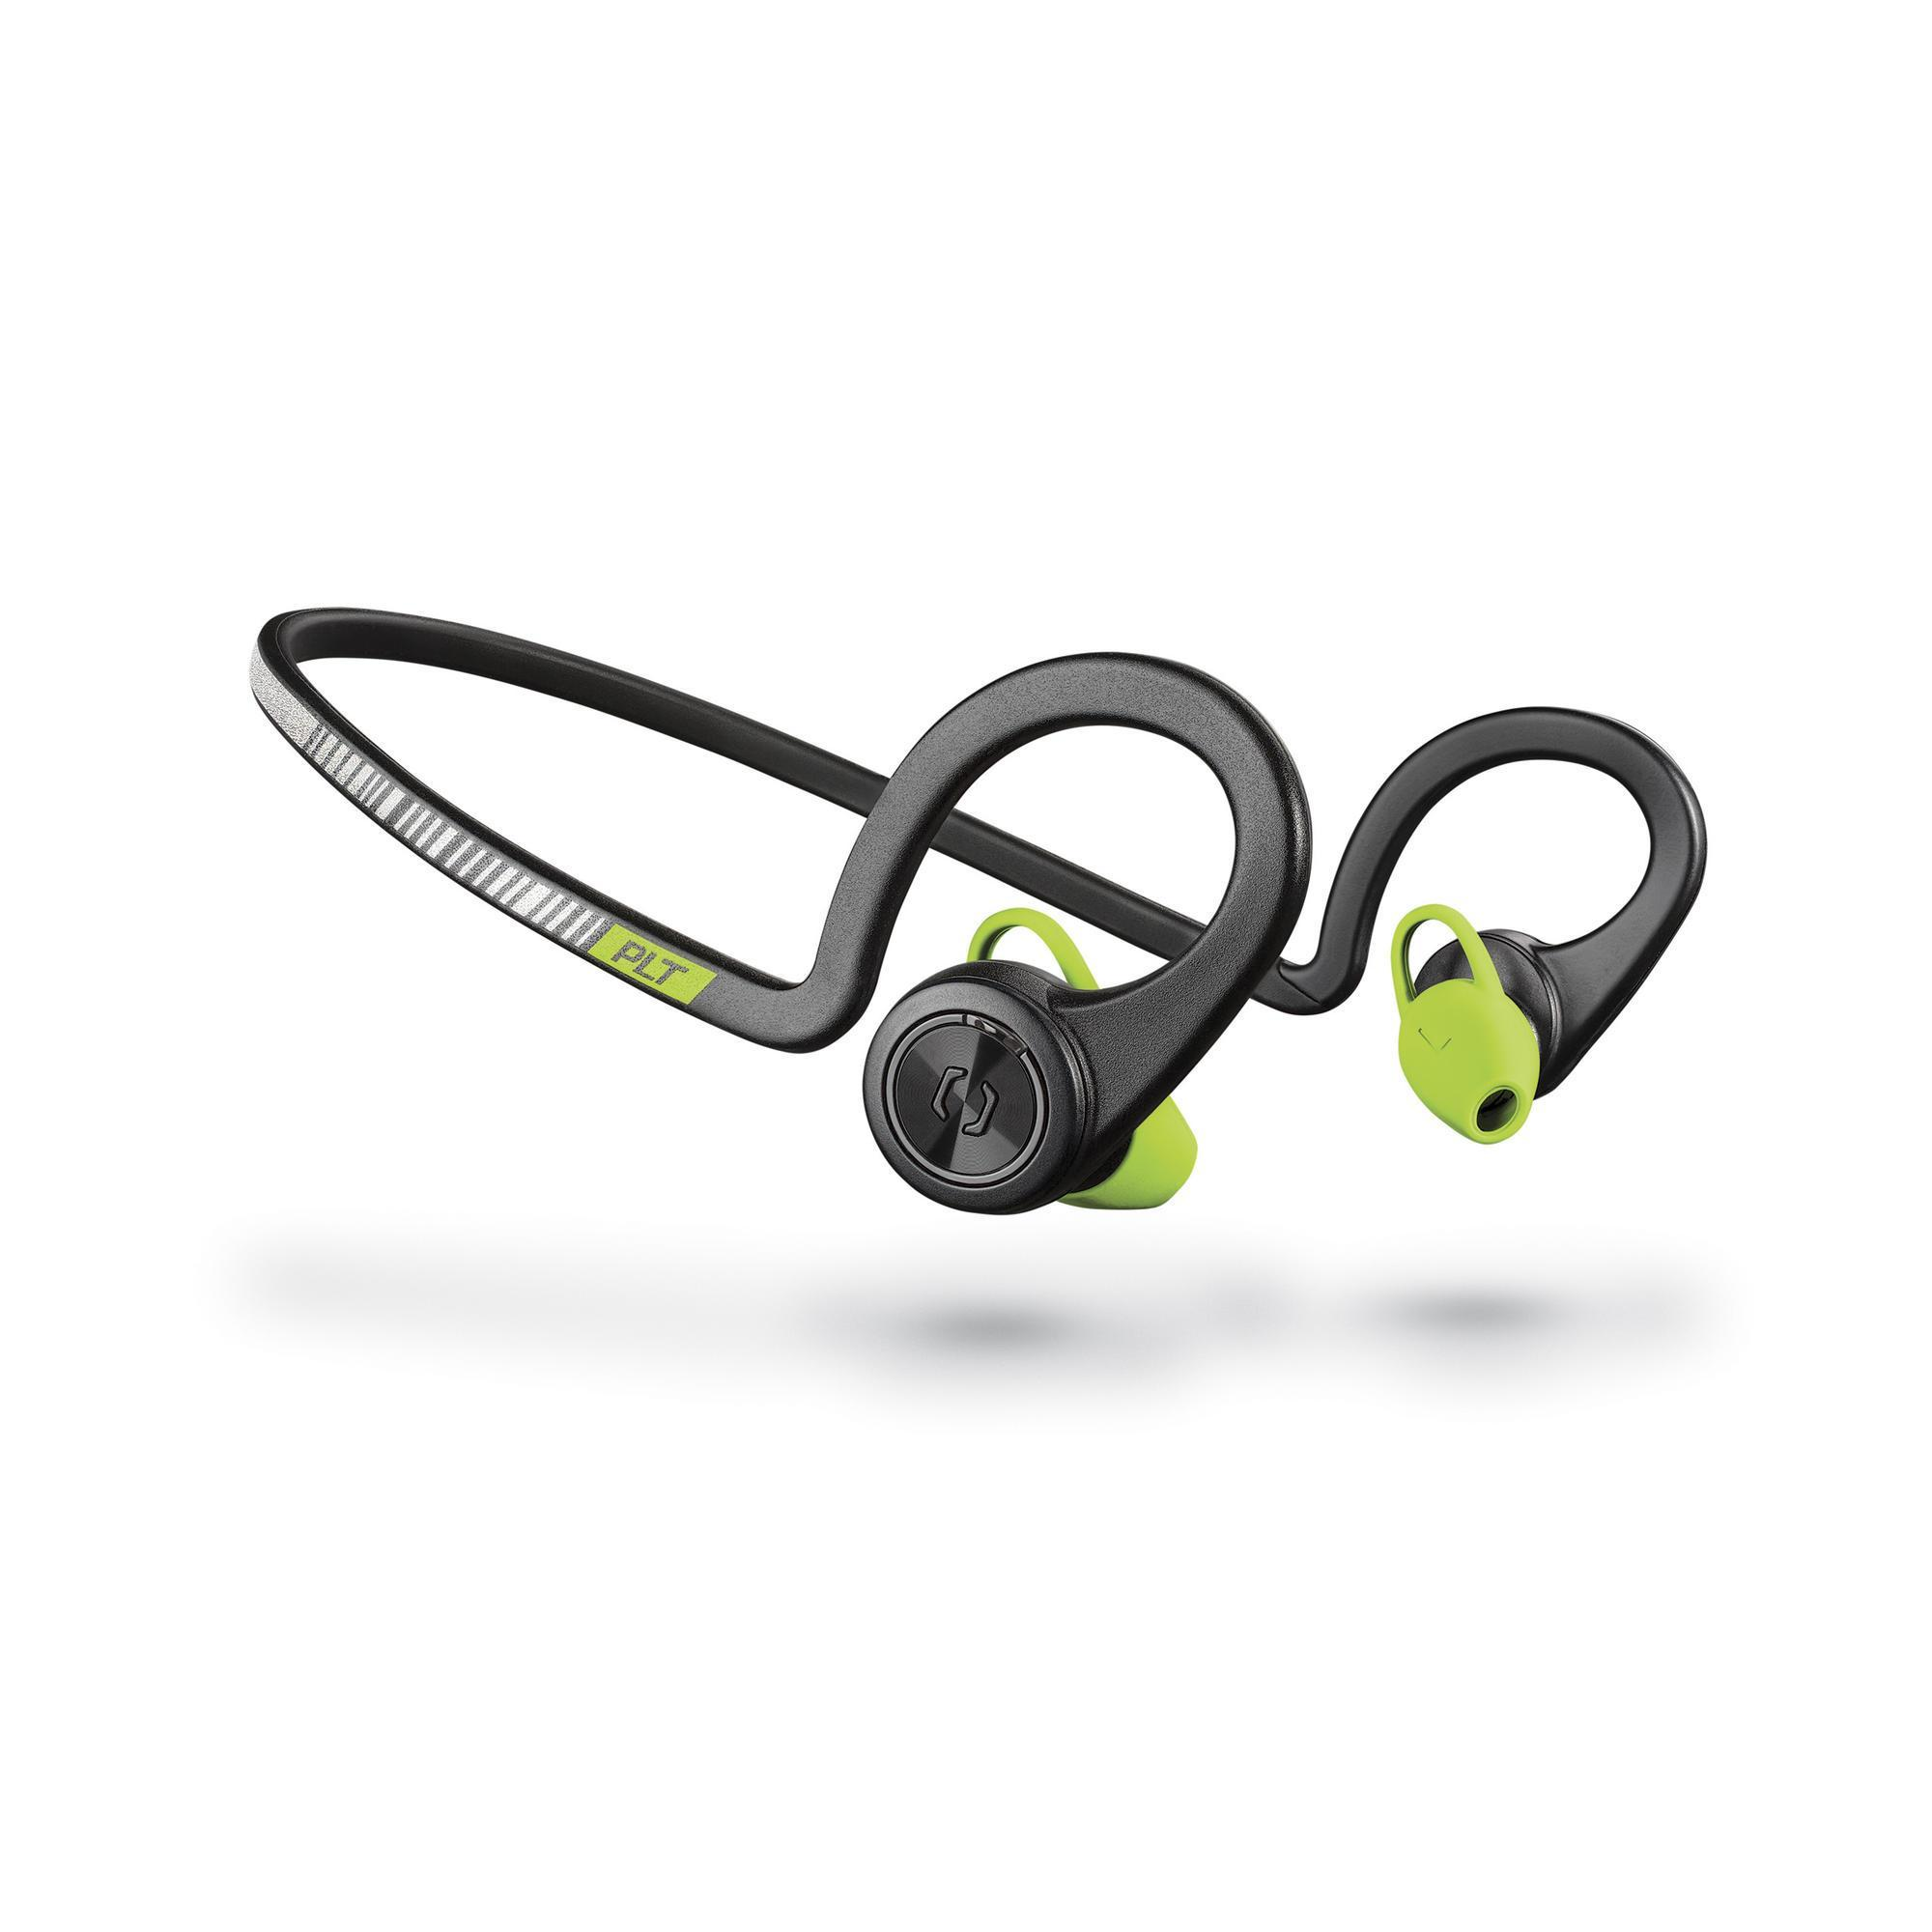 Kopfhörer In-Ear Backbeat Fit Bluetooth schwarz/grün